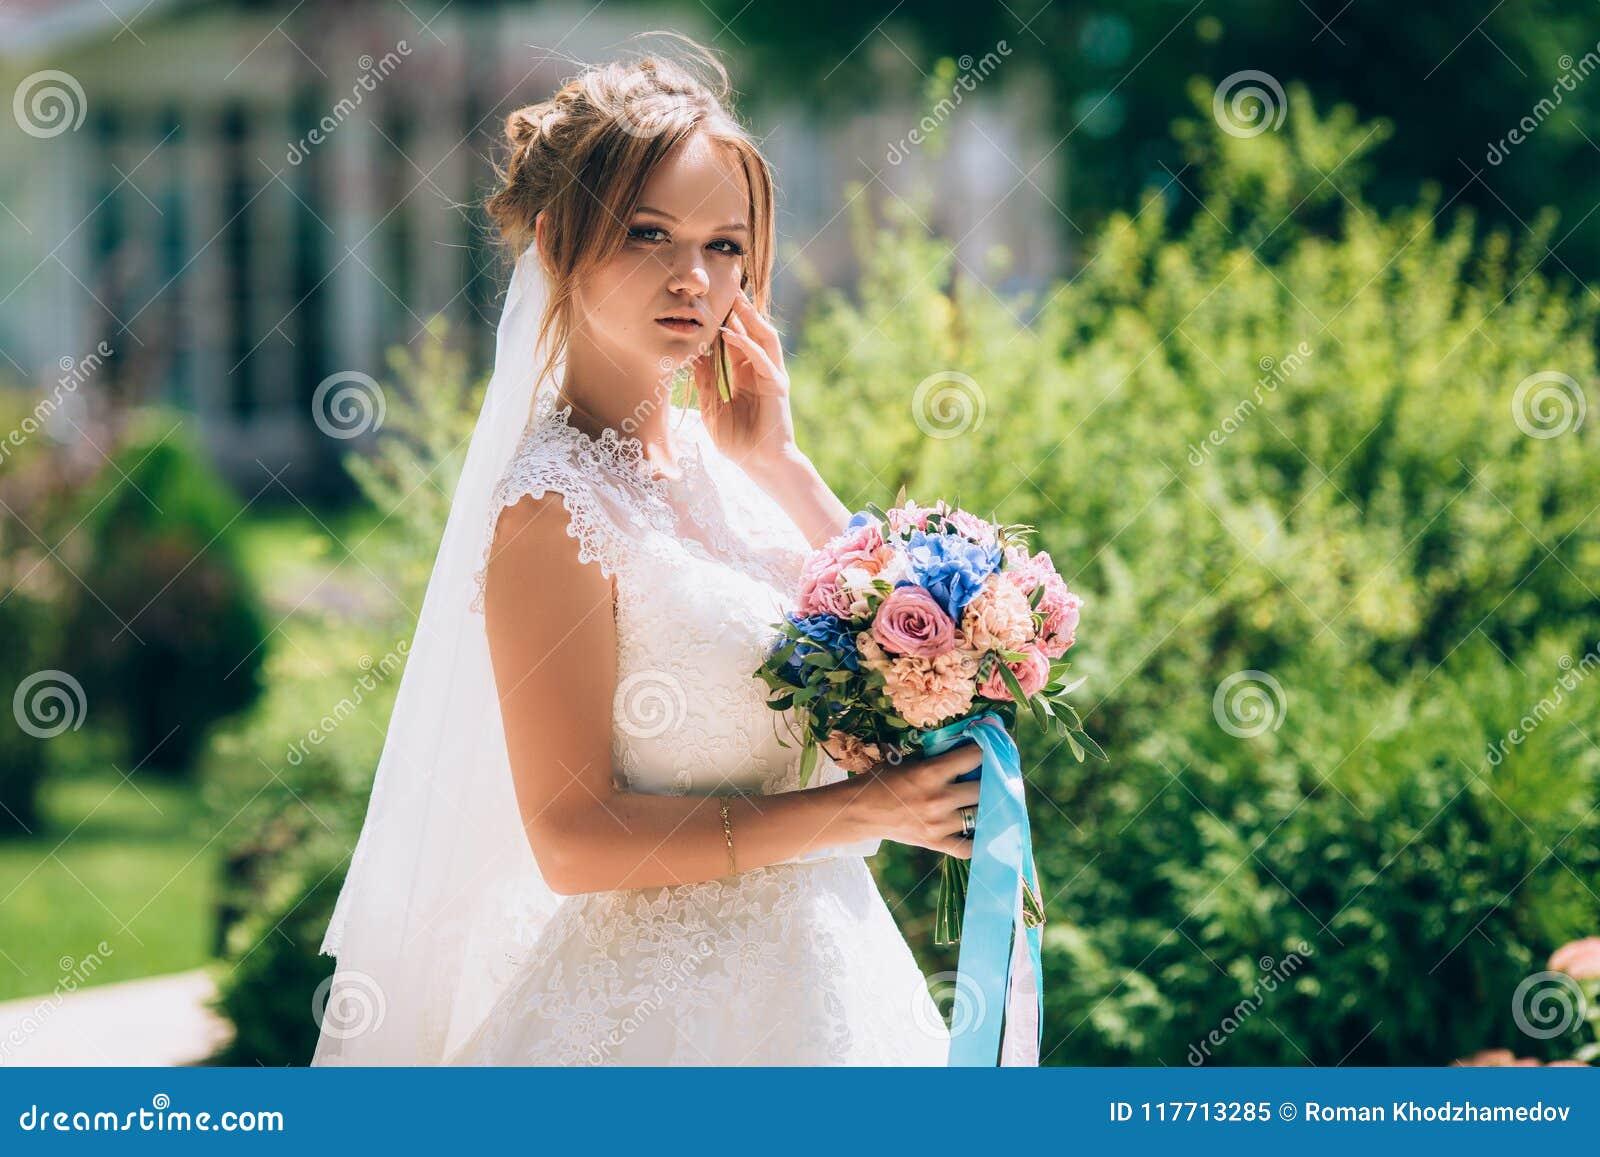 摆在反对绿叶的美丽的苗条新娘在公园 她在一套美丽的白色婚礼礼服打扮,